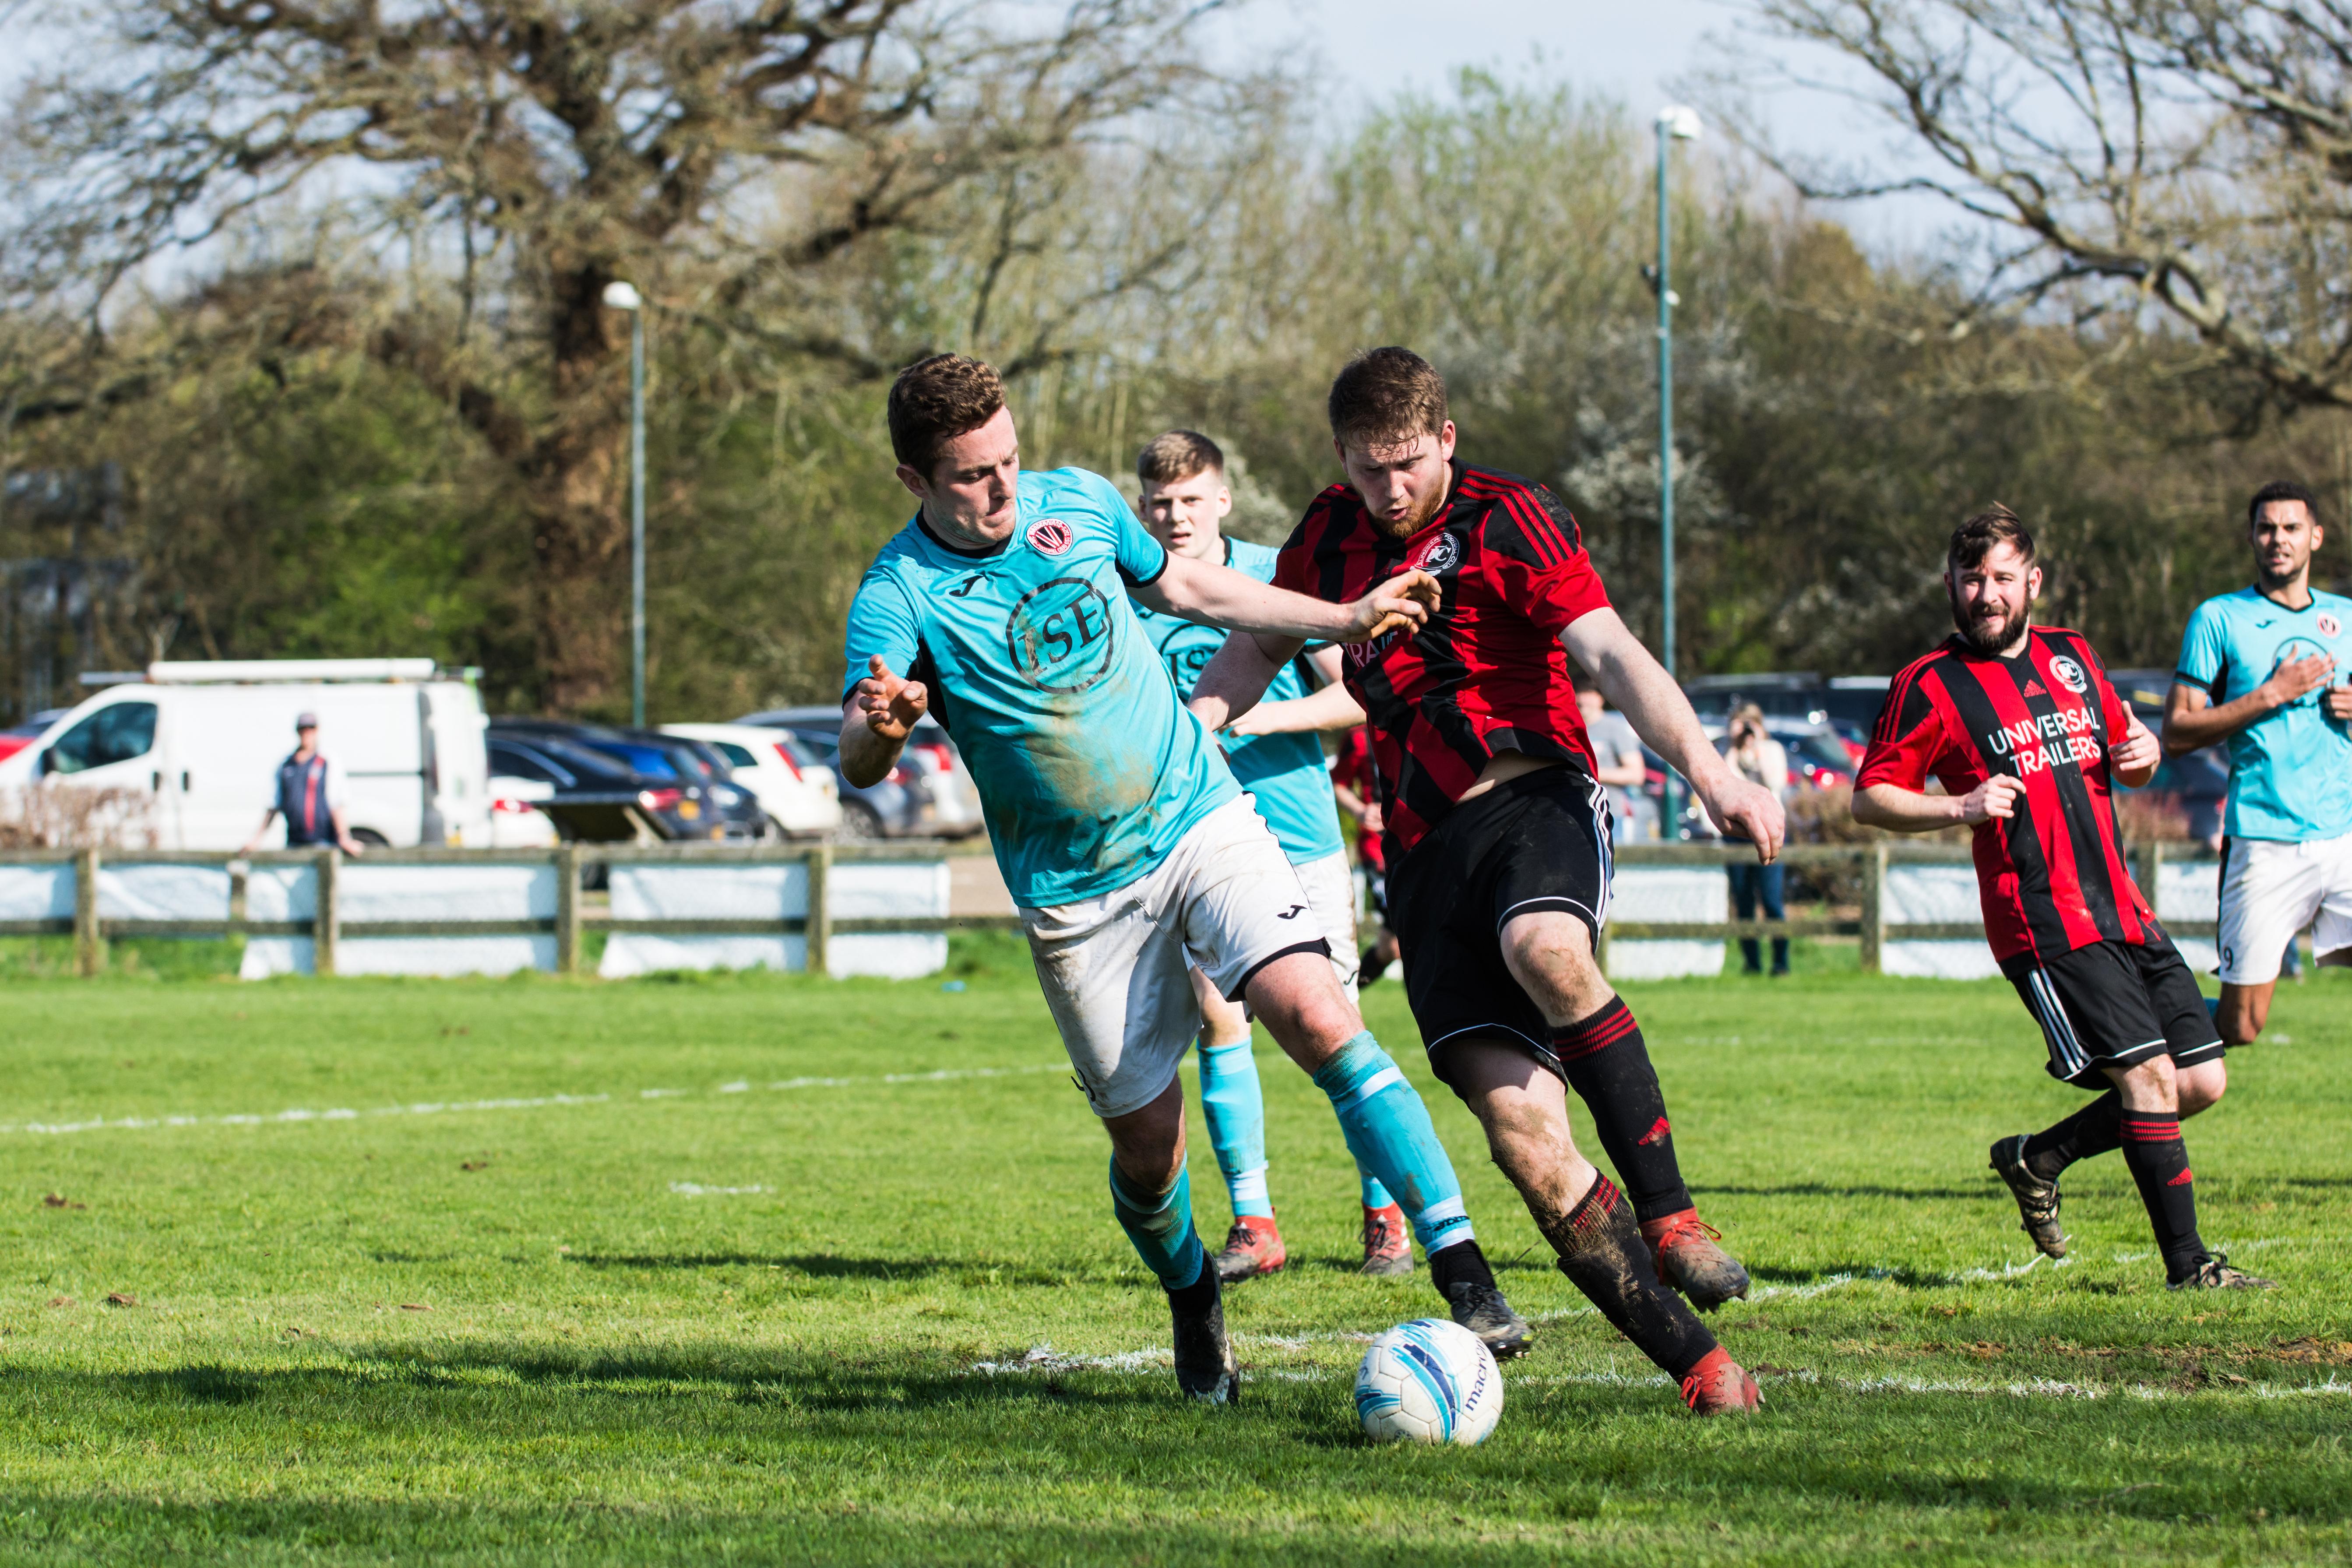 DAVID_JEFFERY Billingshurst FC vs AFC Varndeanians 14.04.18 92